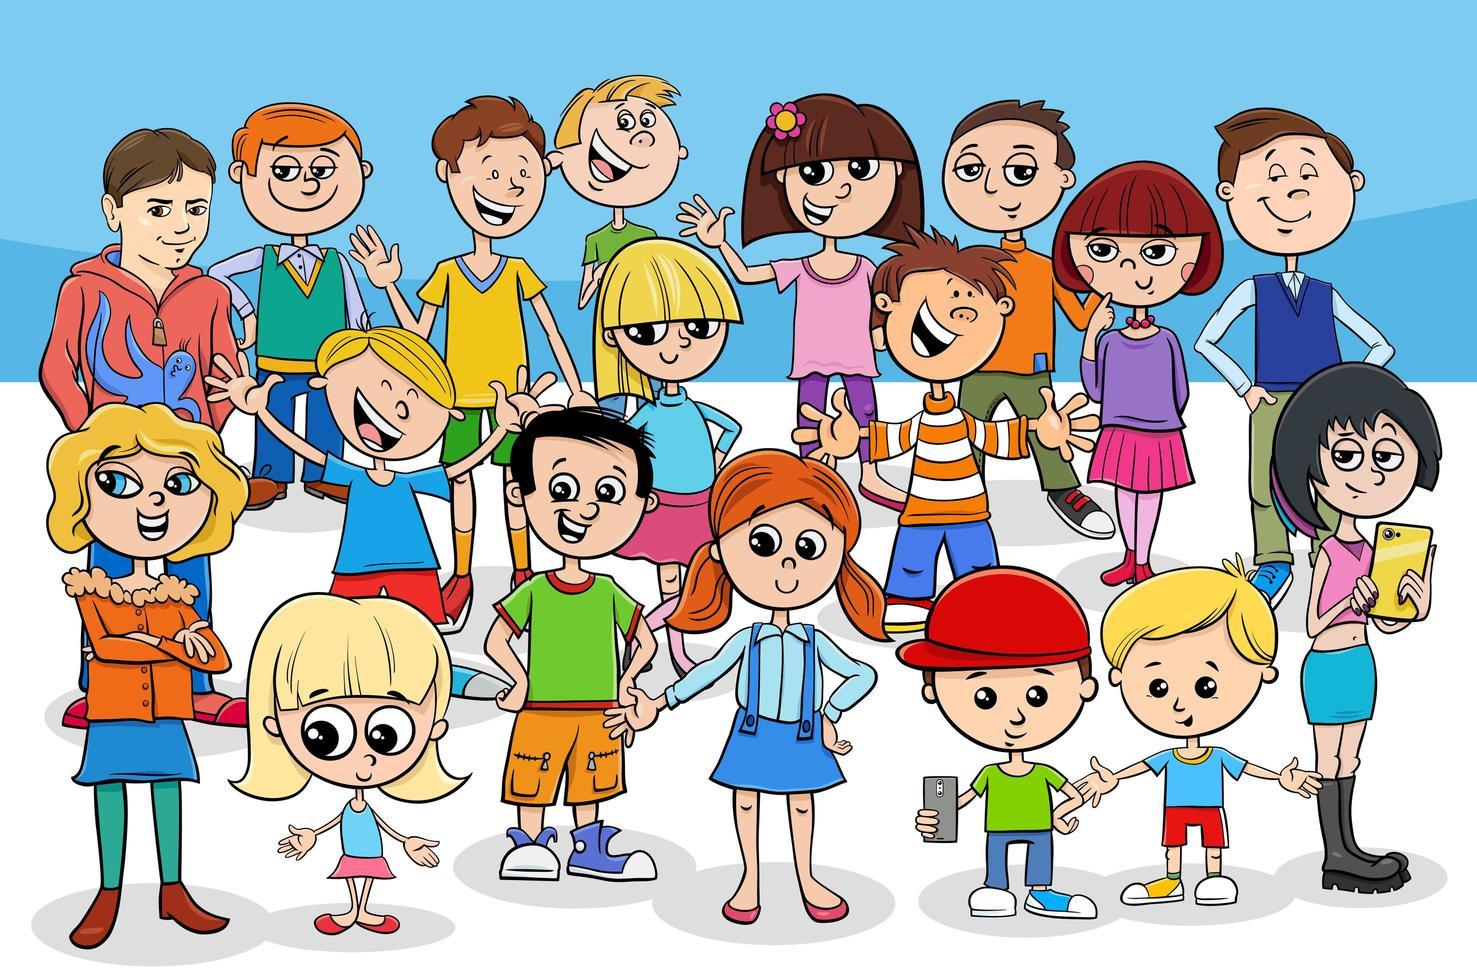 gruppo di personaggi dei cartoni animati di bambini e adolescenti vettore